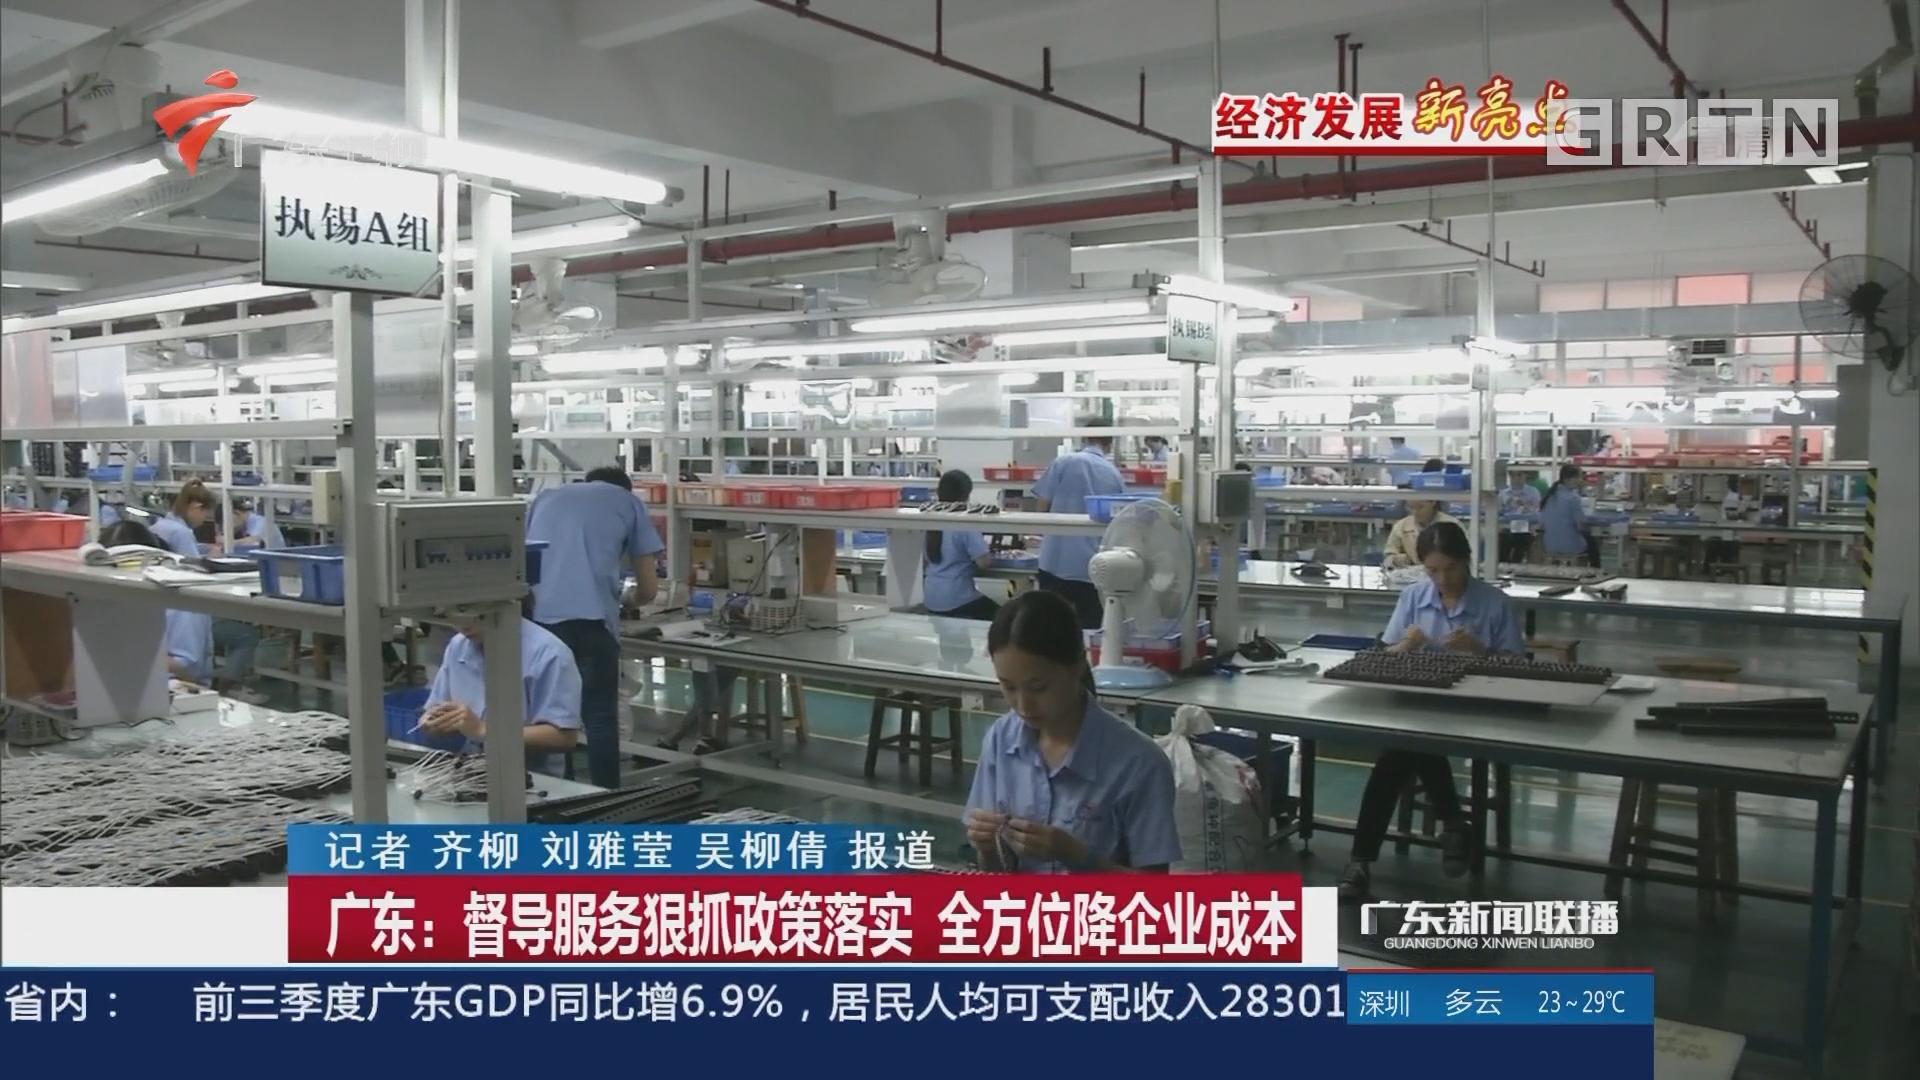 广东:督导服务狠抓政策落实 全方位降企业成本